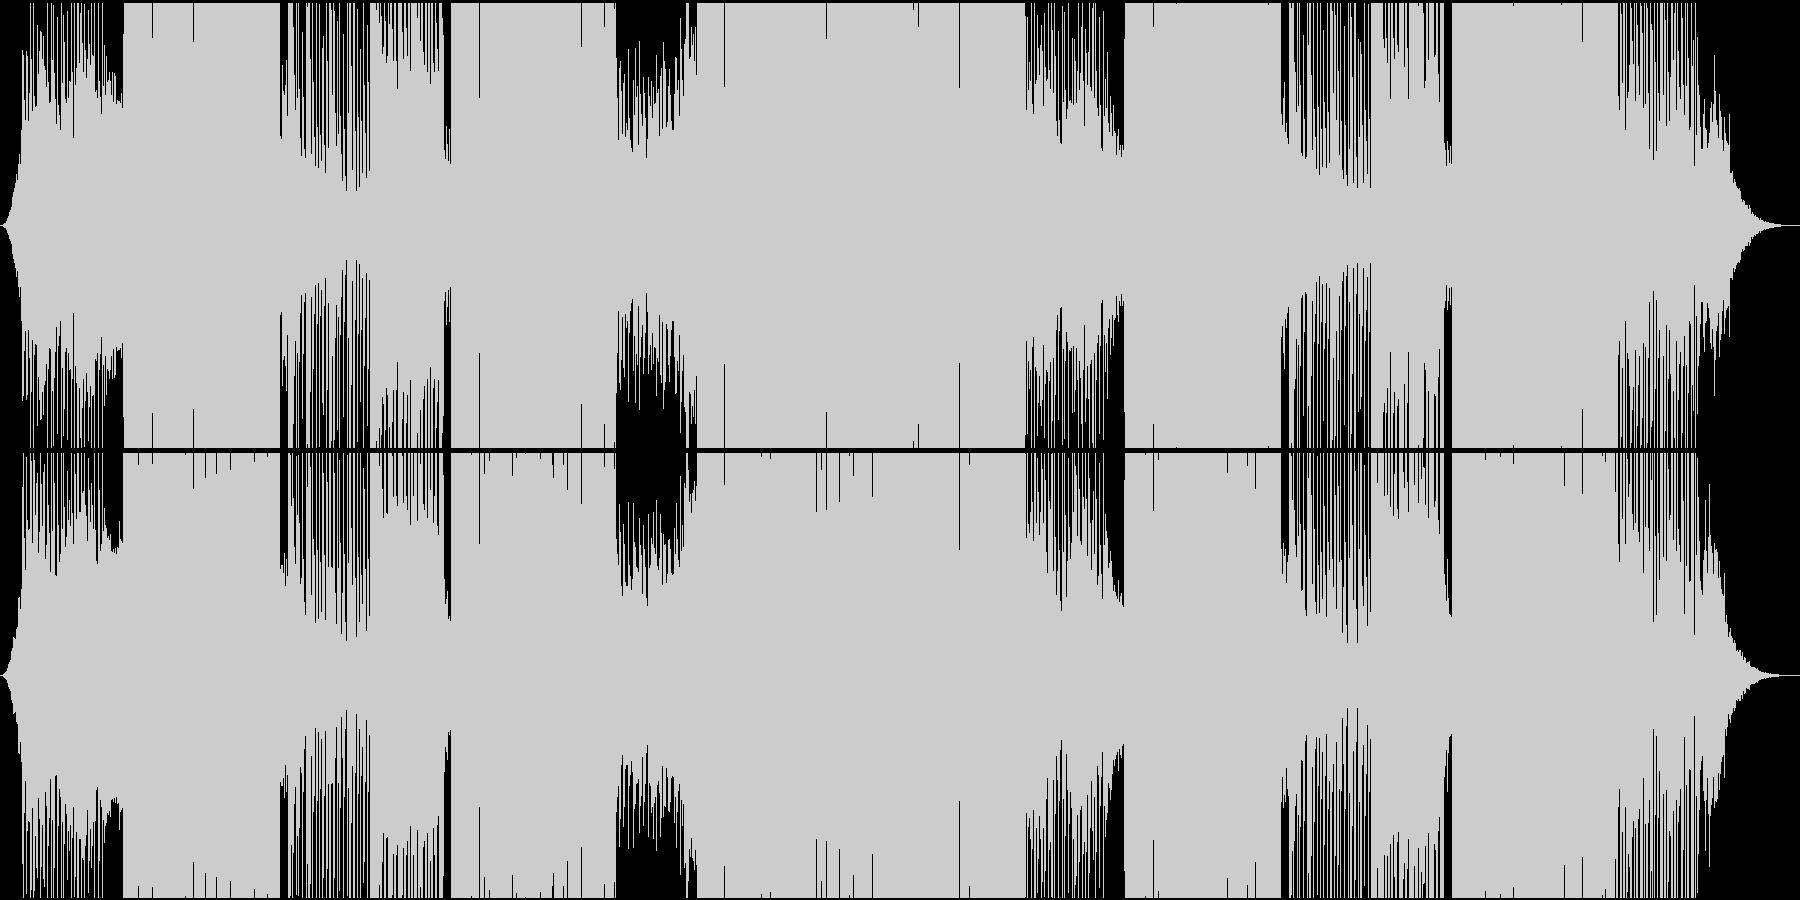 ゆったりムードのファンタジー系EDMの未再生の波形